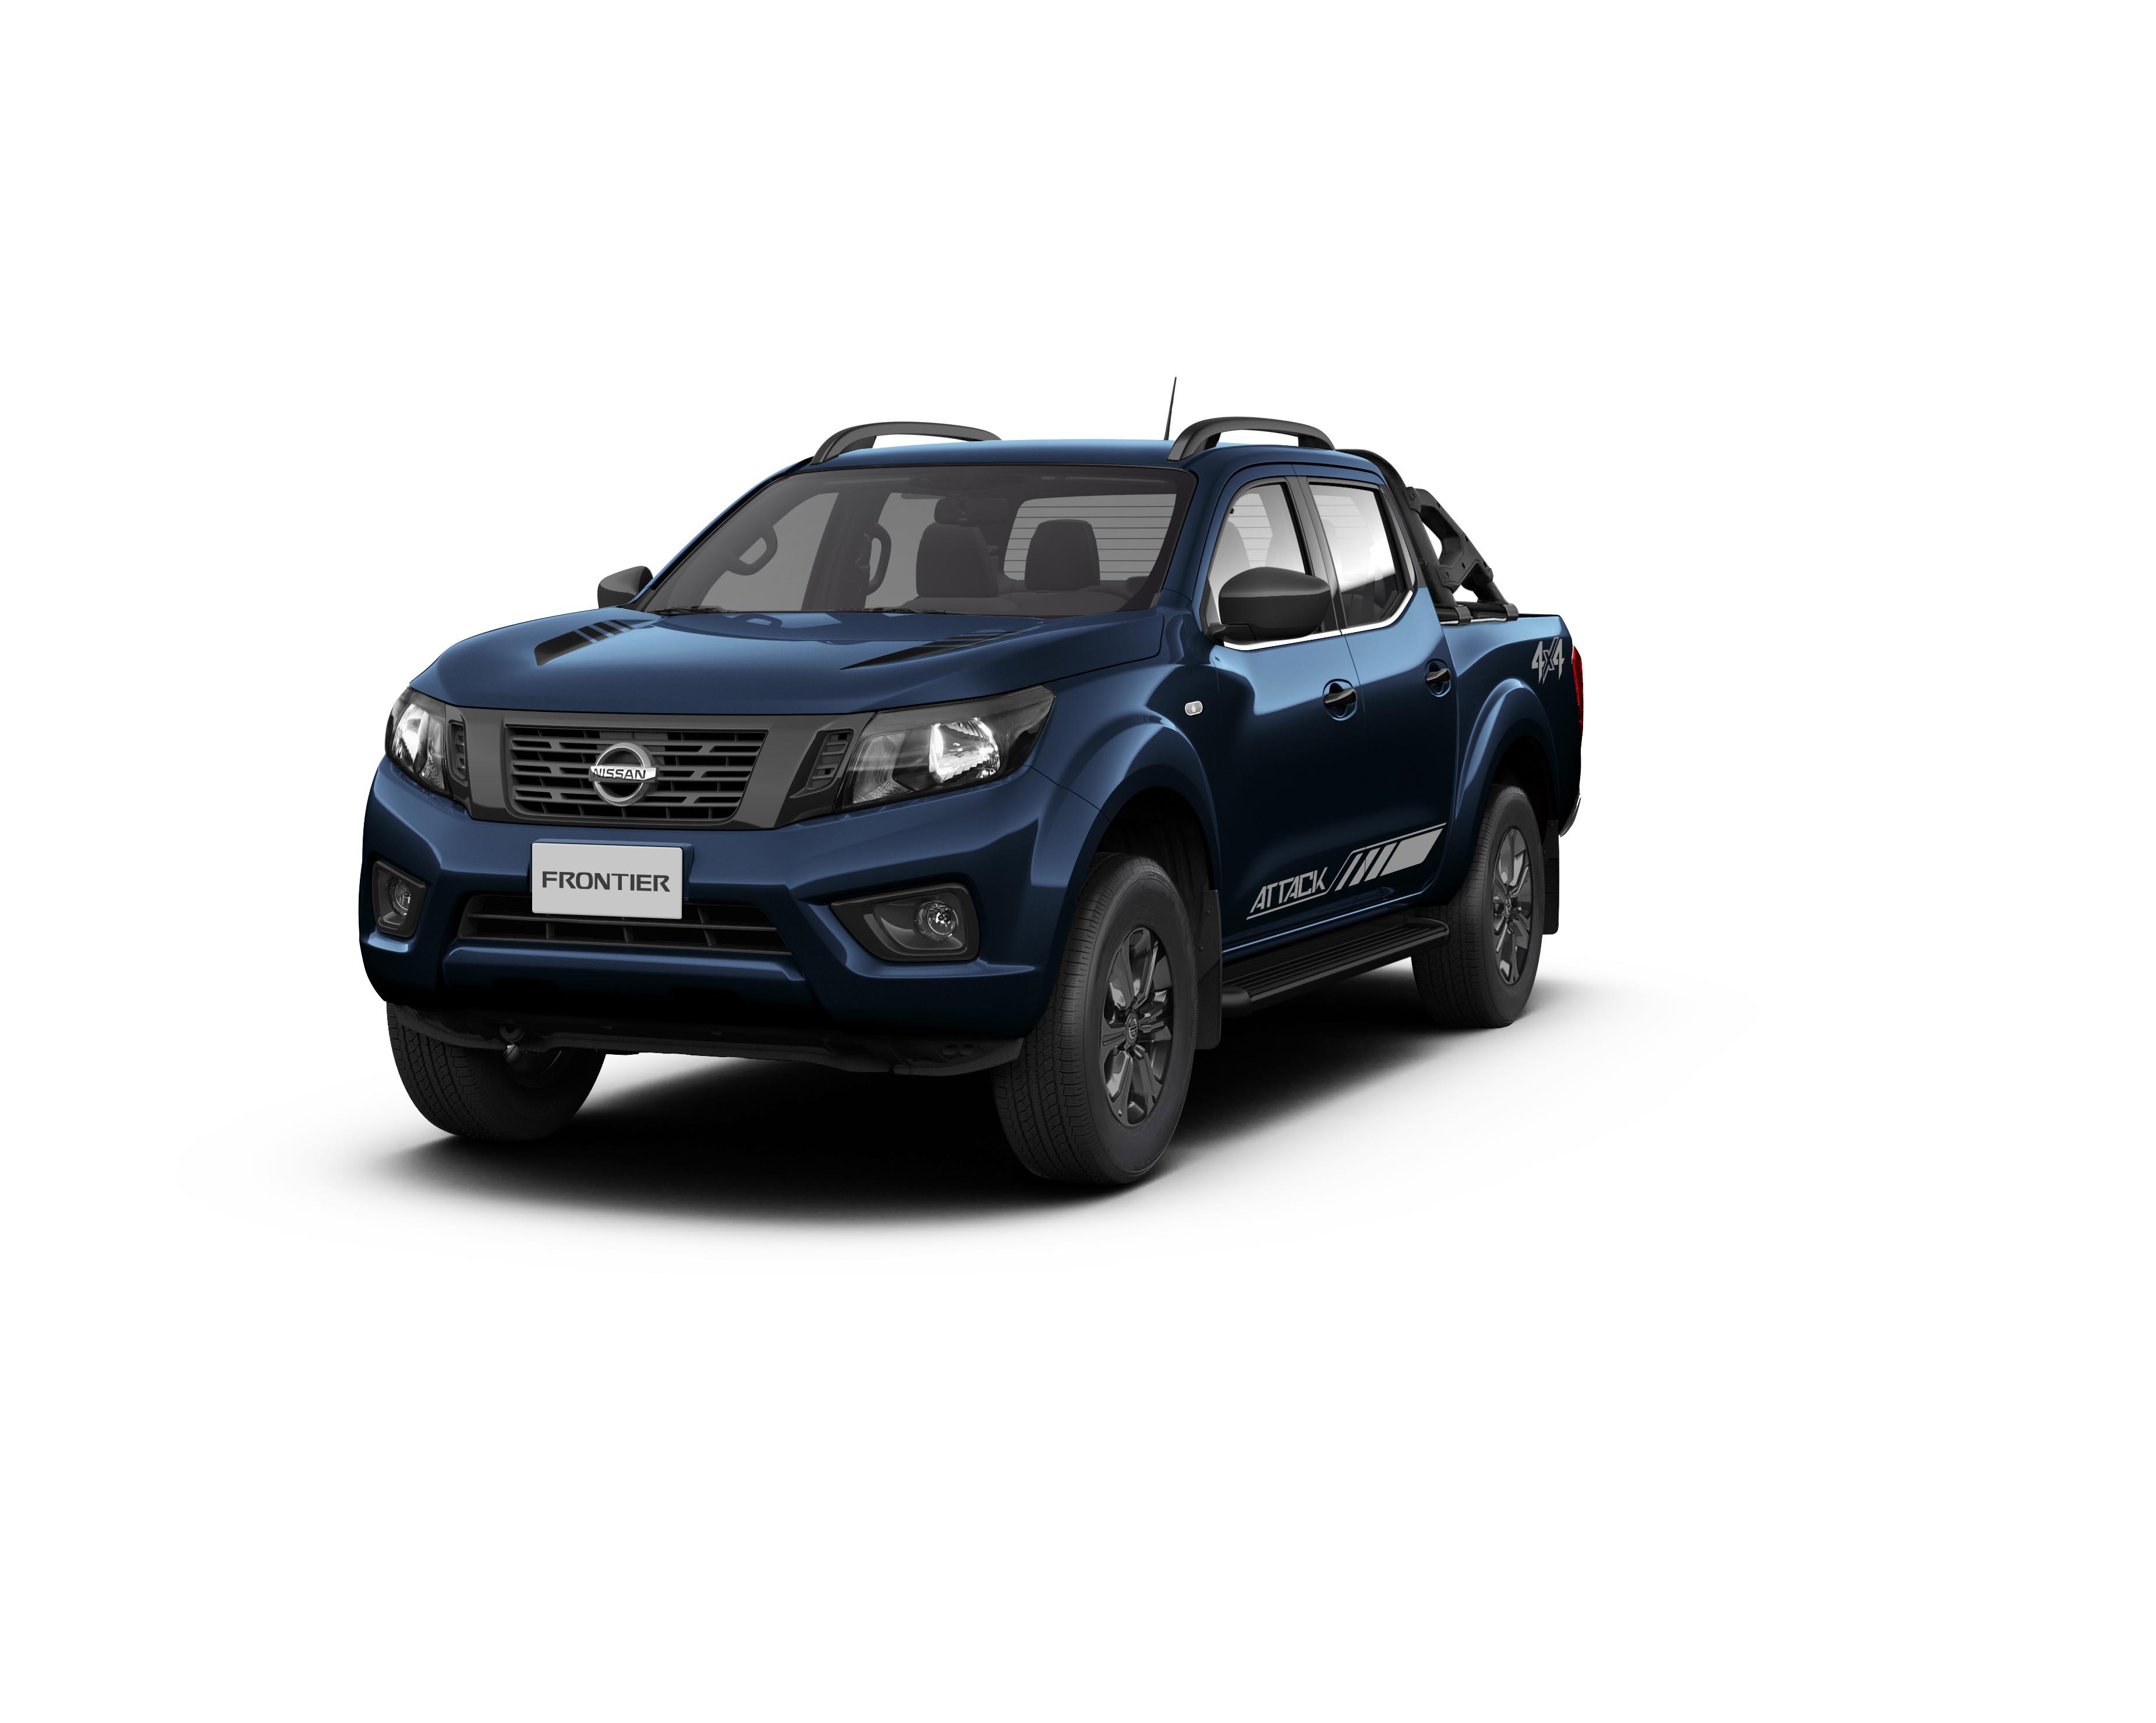 Nova Nissan Frontier Attack AT